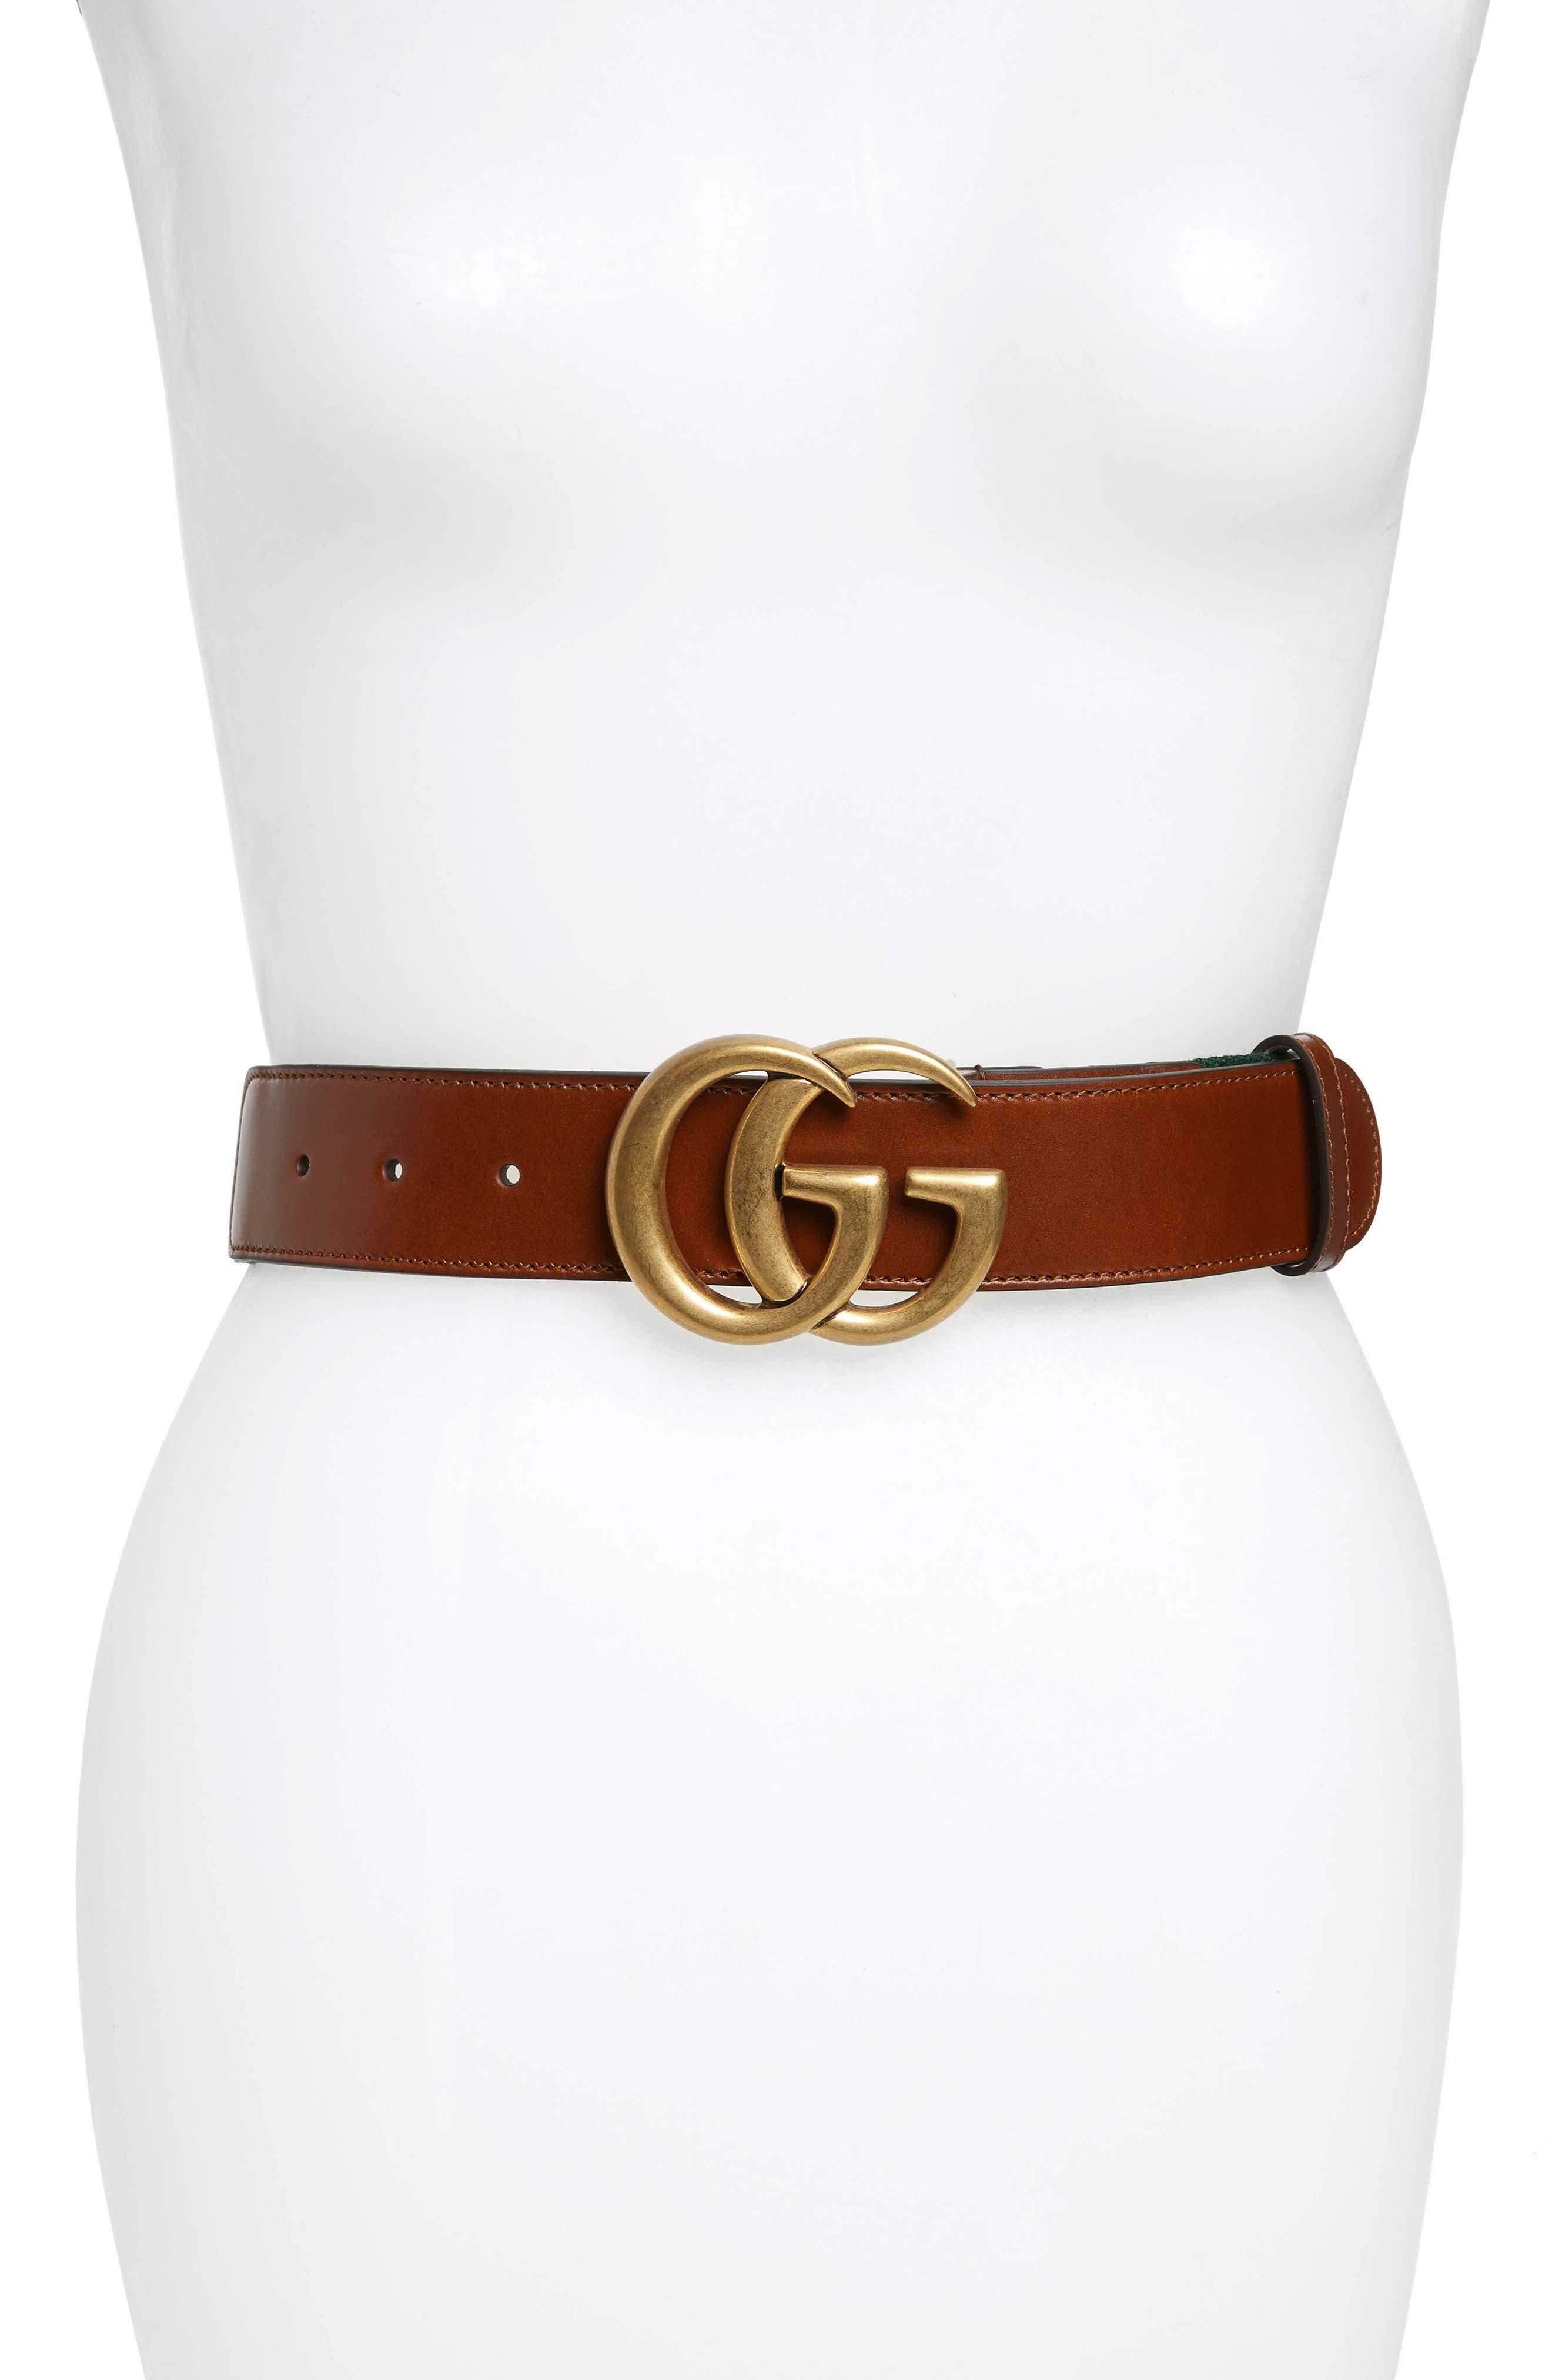 GG Logo Leather Belt,                         Main,                         color, 231